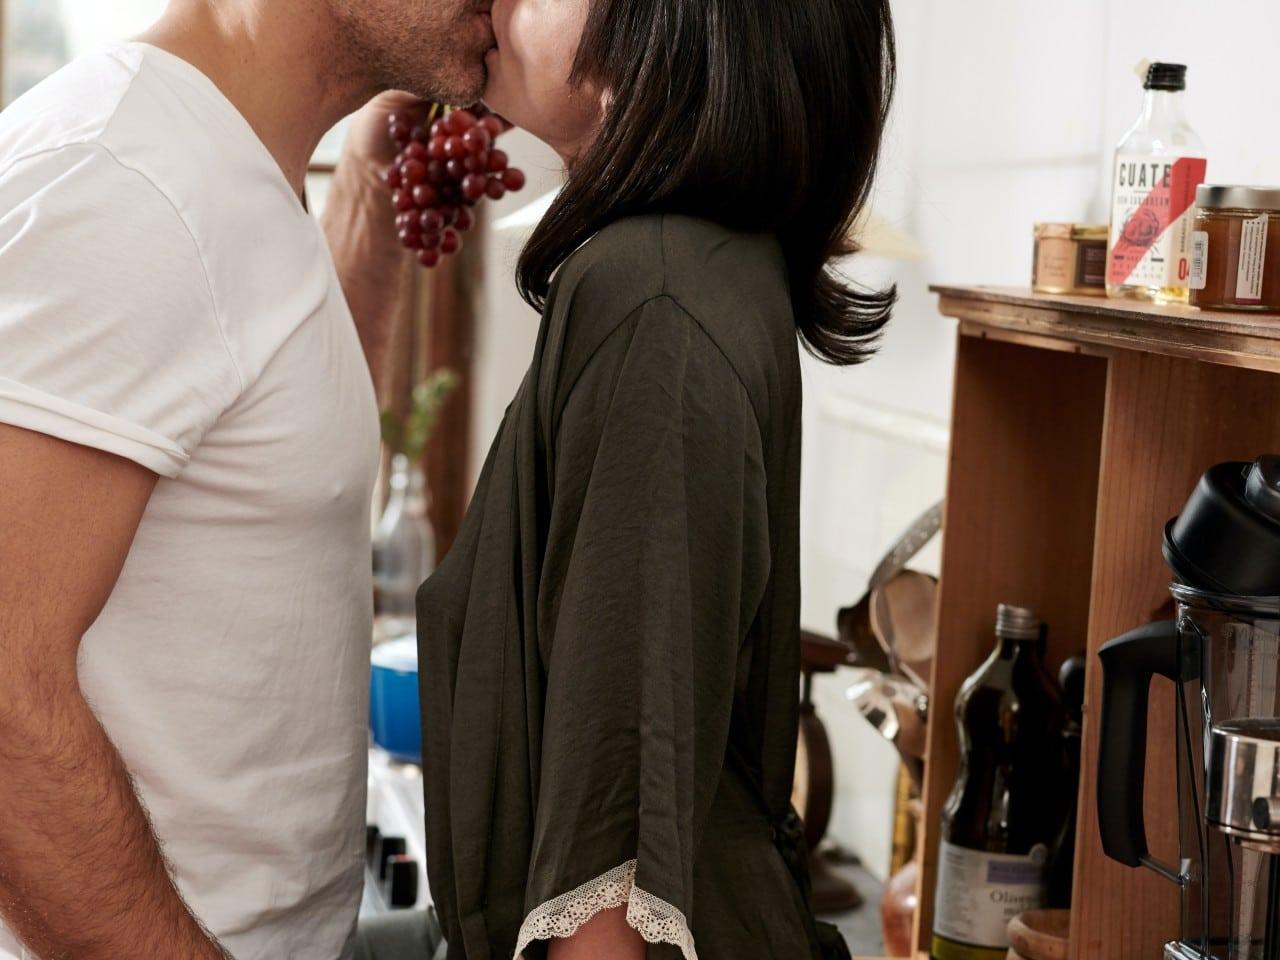 Sexo en la cocina, cómo hacerlo